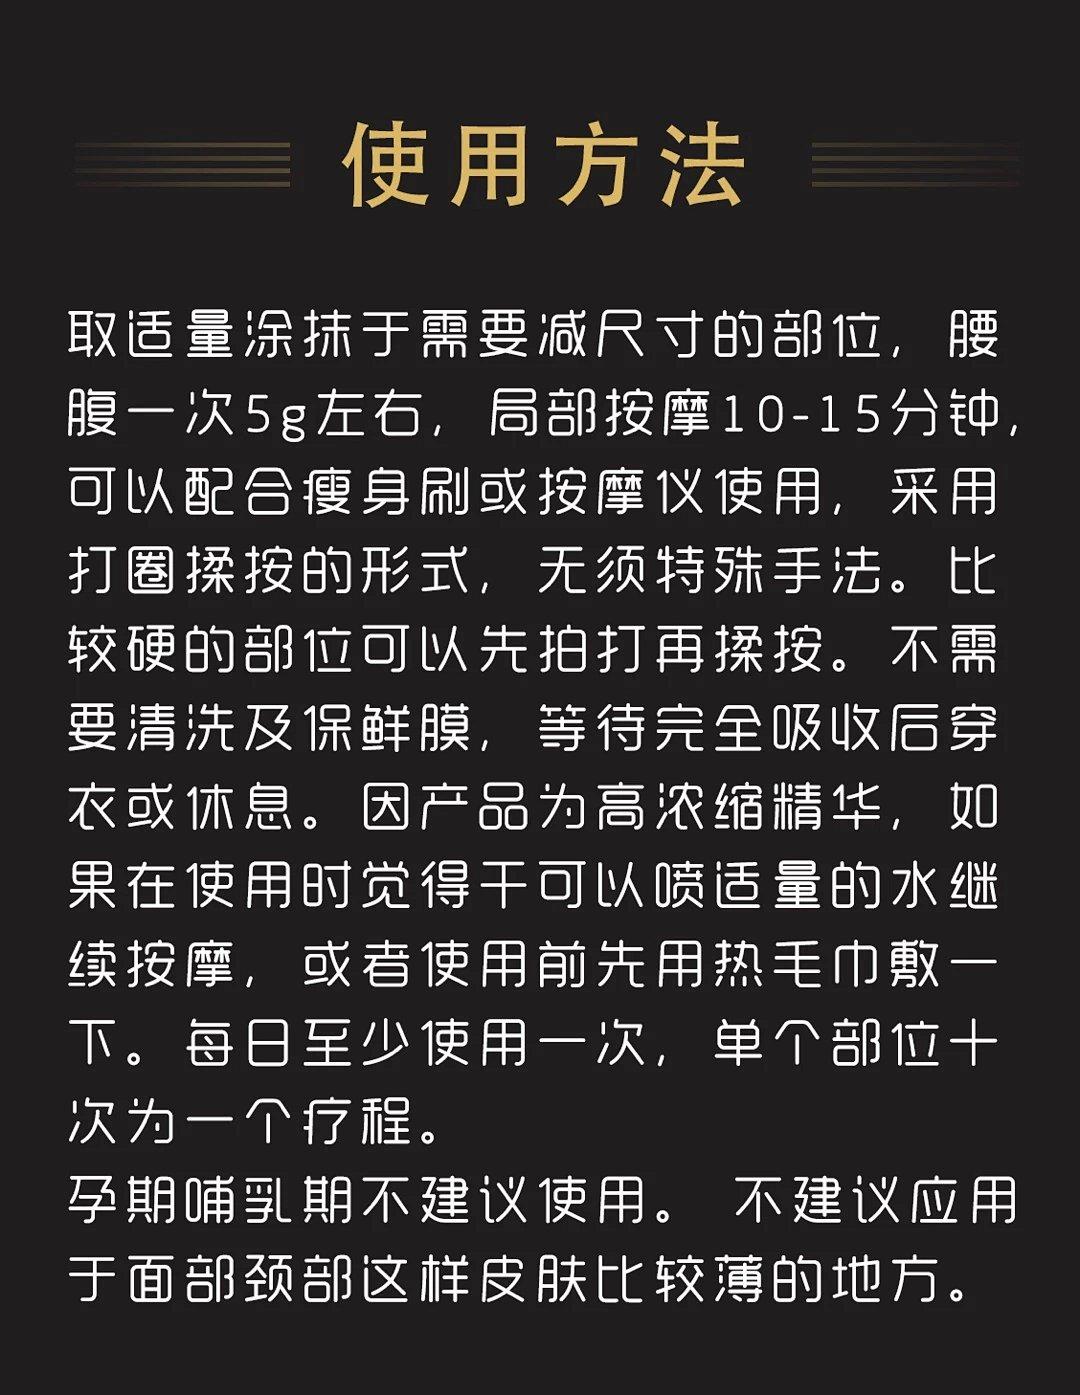 纤韵紧致霜 玛姿宝 — 塑形系列产品-广州玛姿宝生物科技有限公司